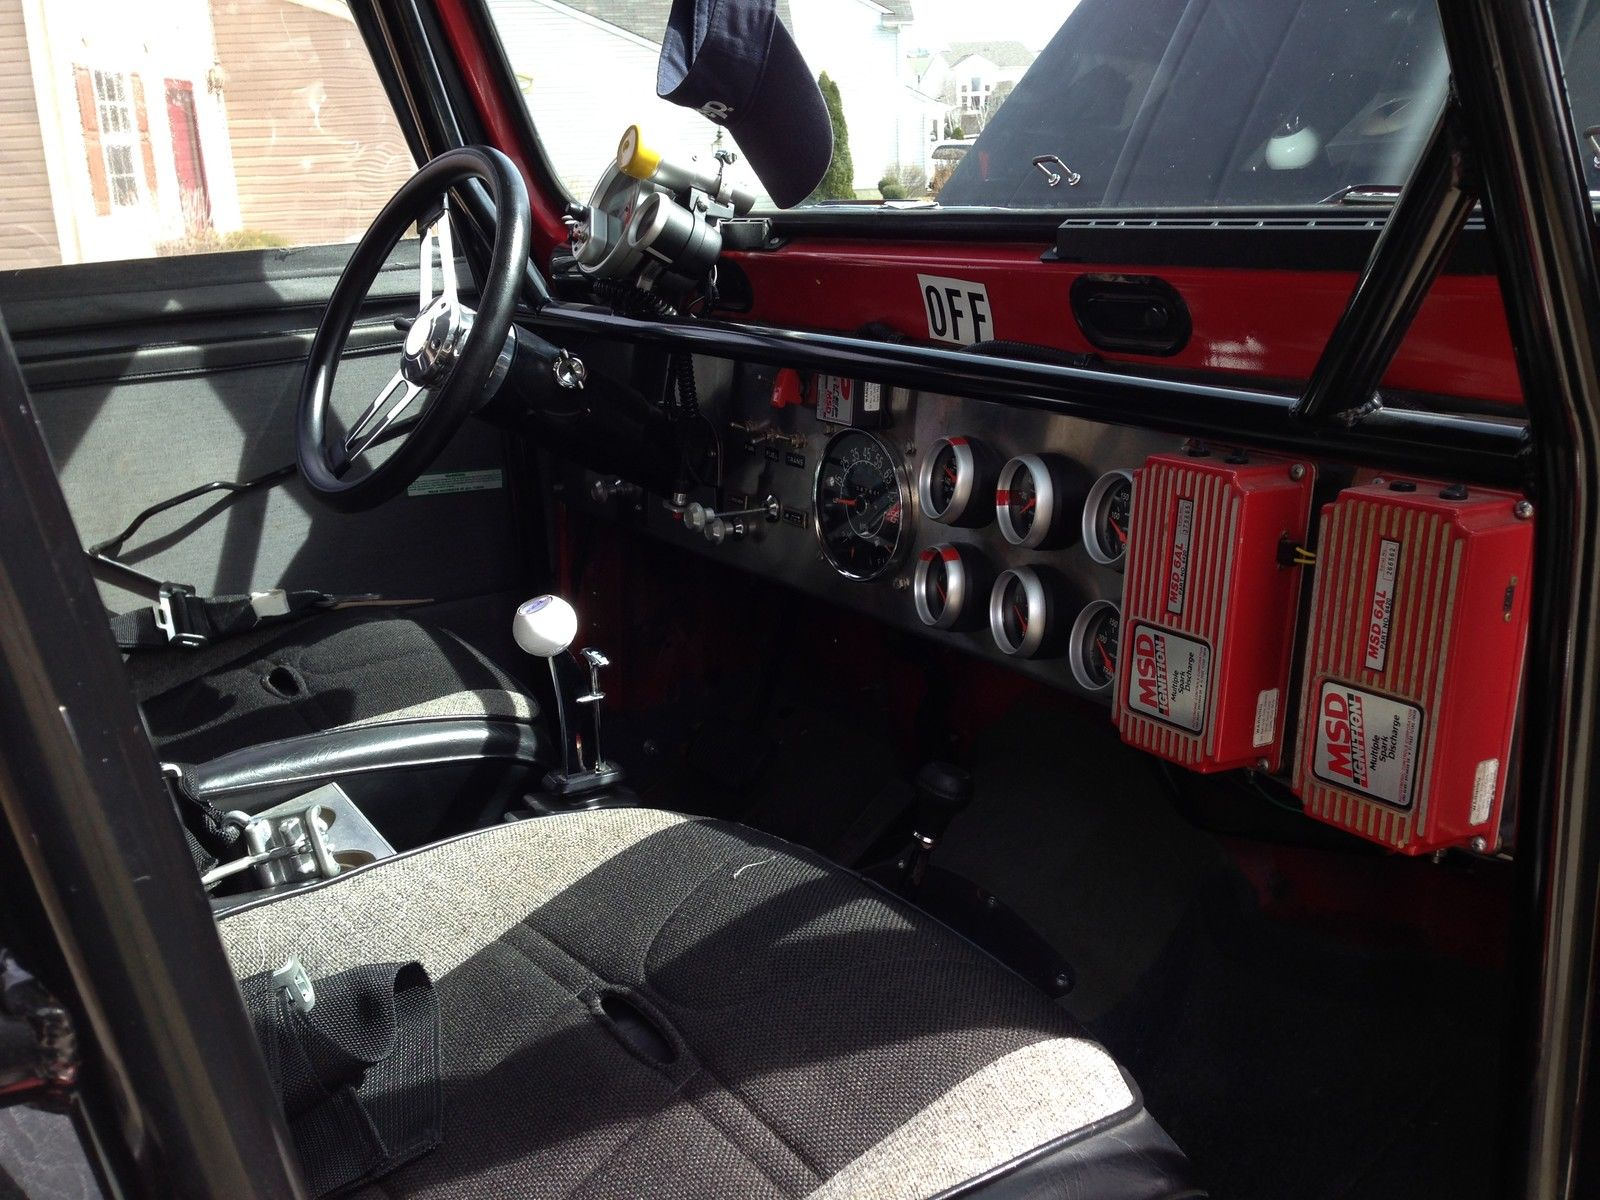 1976 Jeep Cj5 Dash Bangshiftcom Cj7